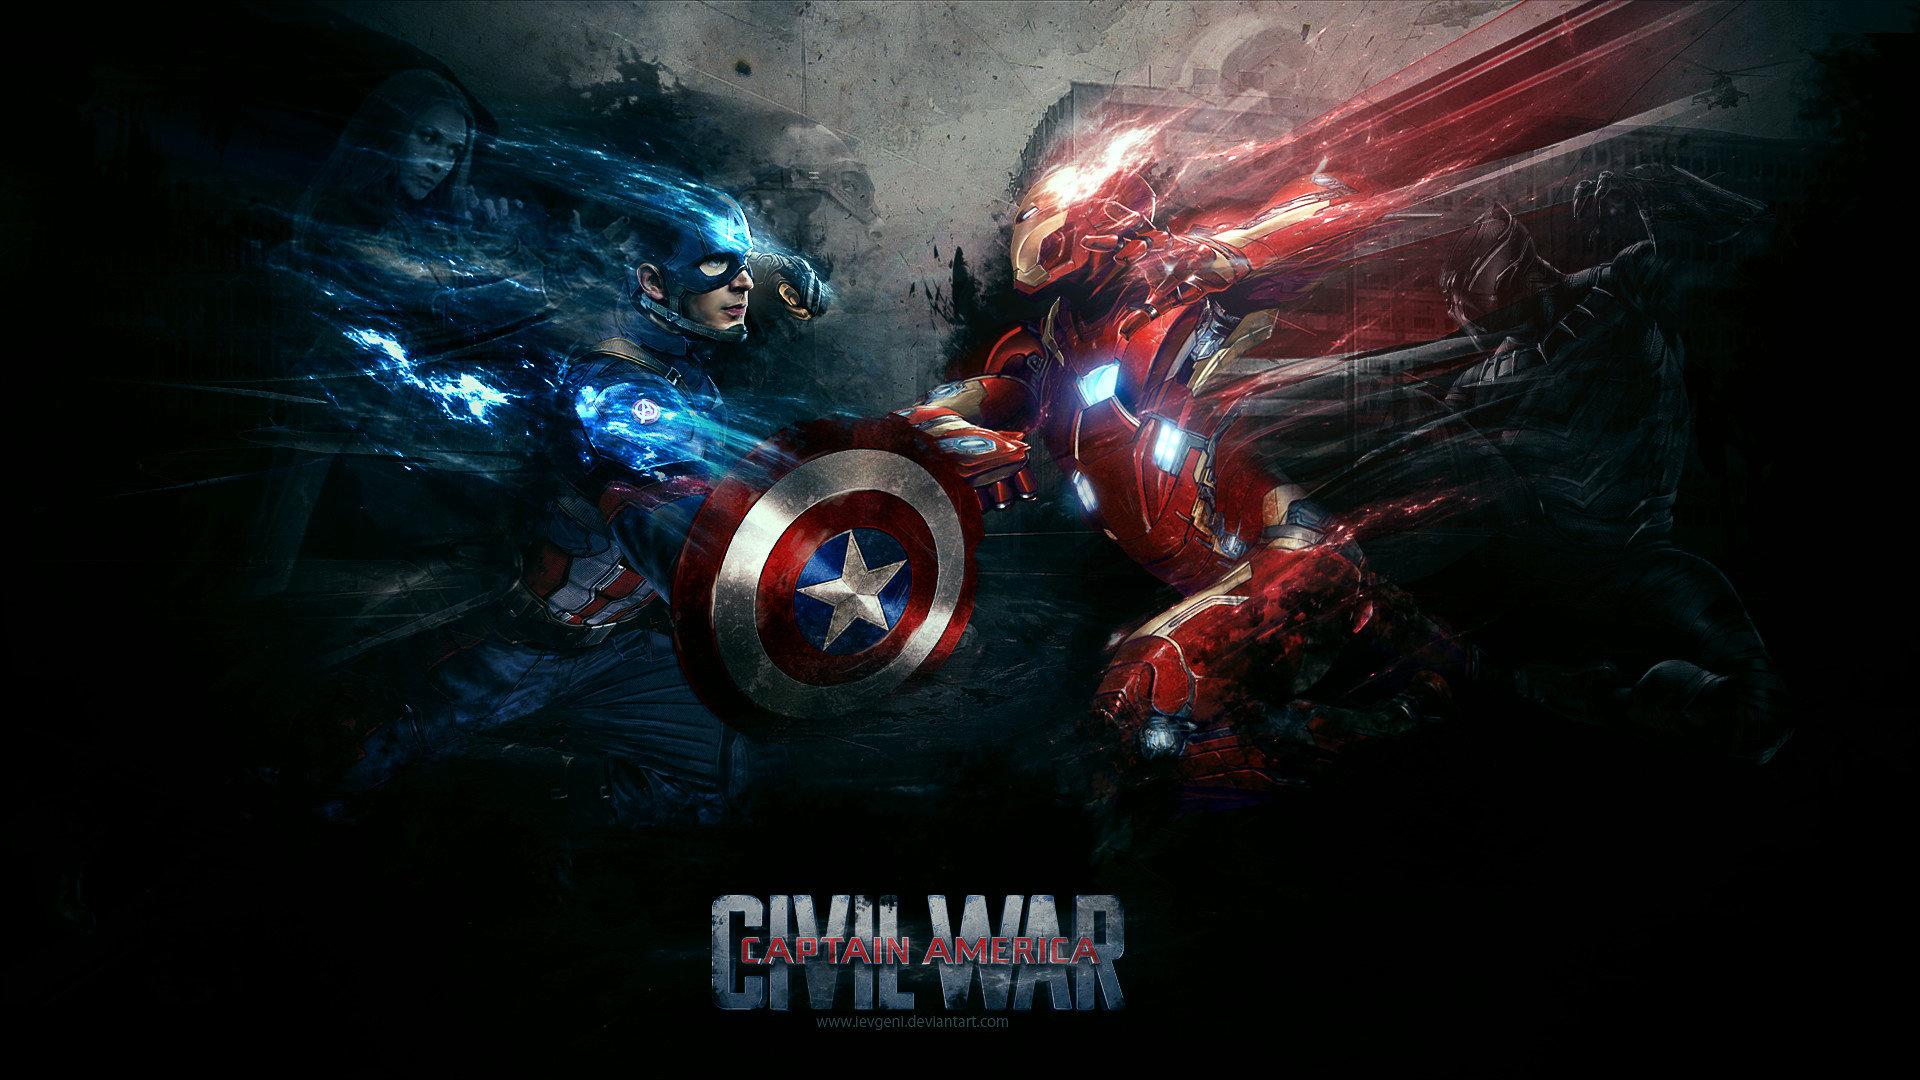 Captain America Civil War Wallpapers Hd: Captain America: Civil War Wallpapers 1920x1080 Full HD